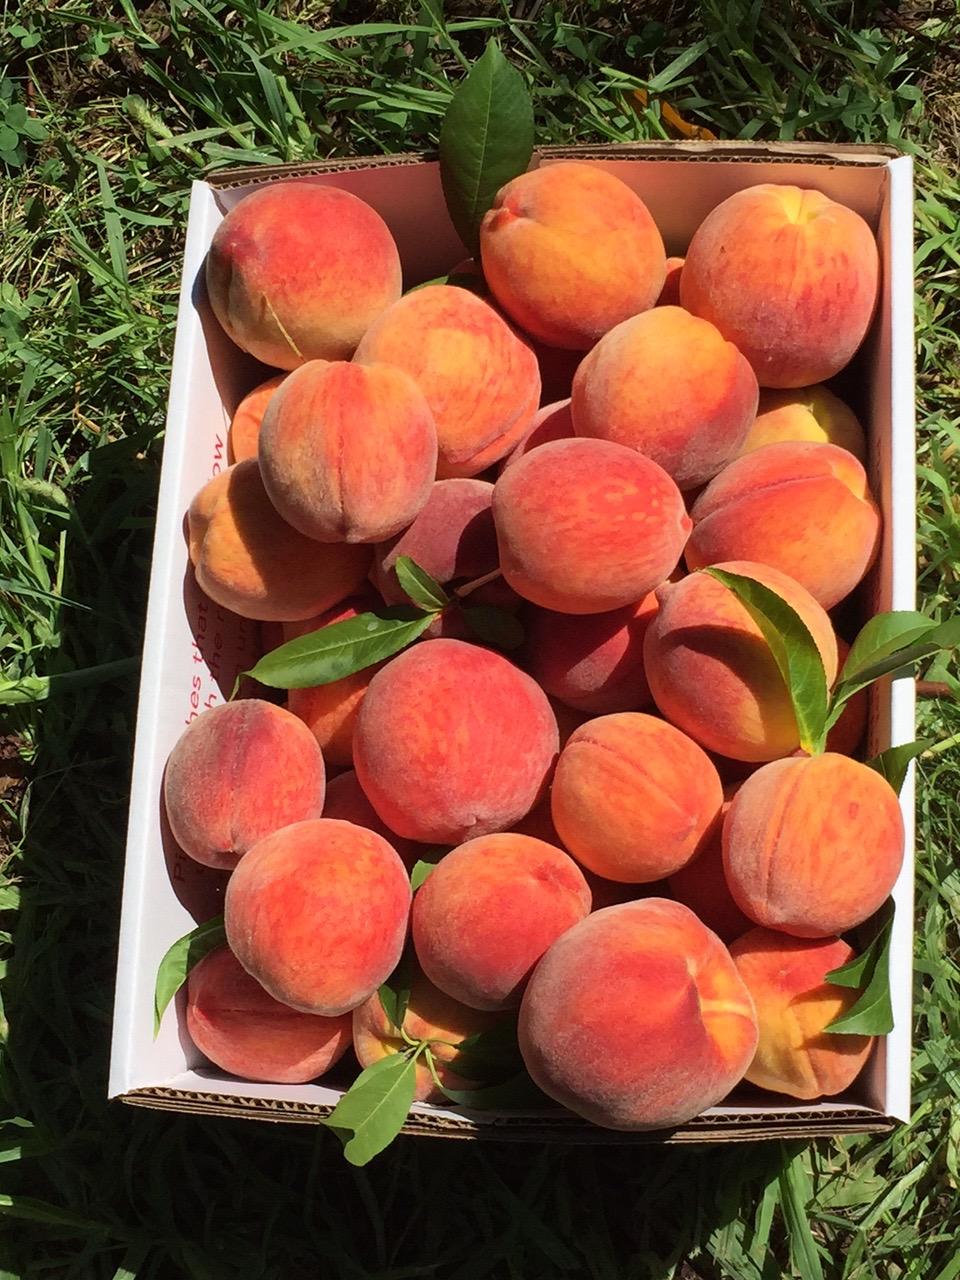 Peaches! #nofilter